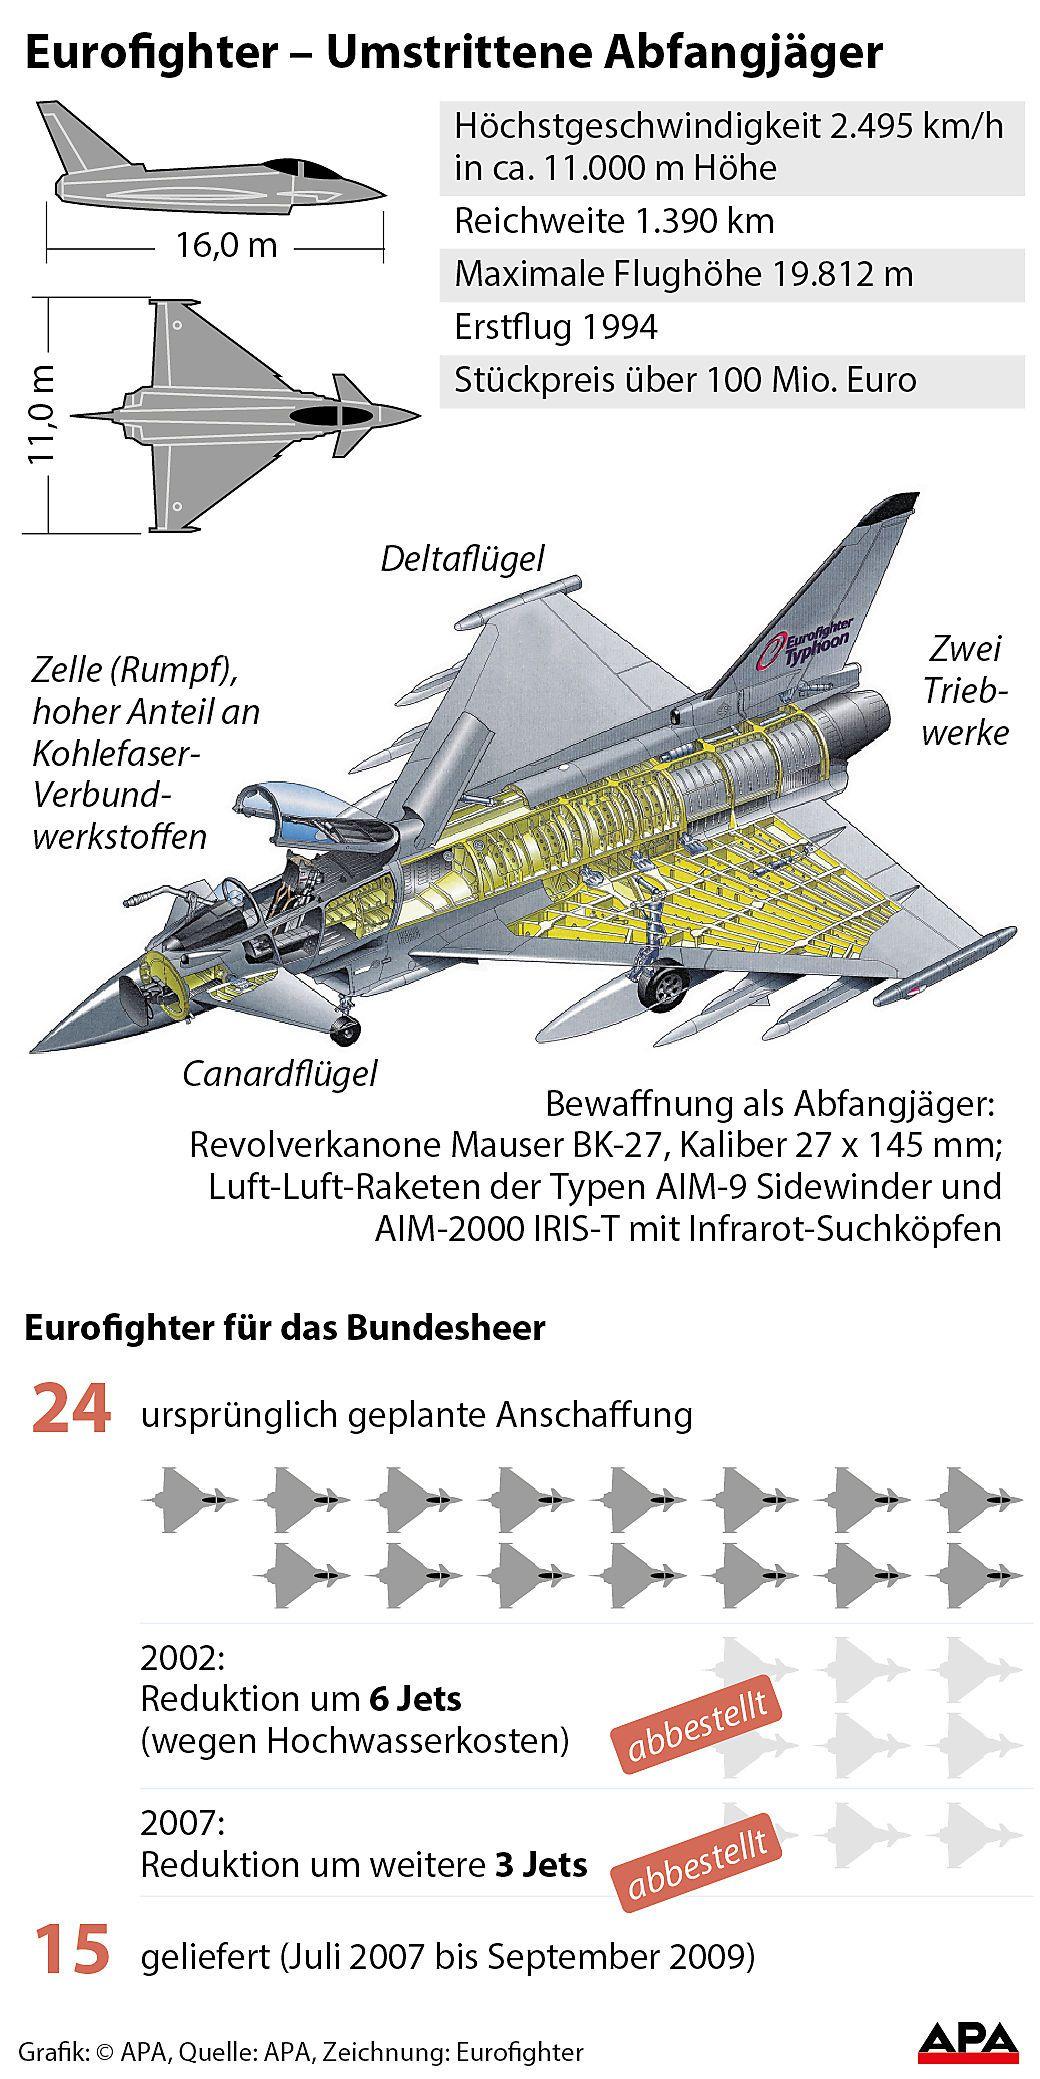 Eurofighter Ð Umstrittene Abfangjaeger